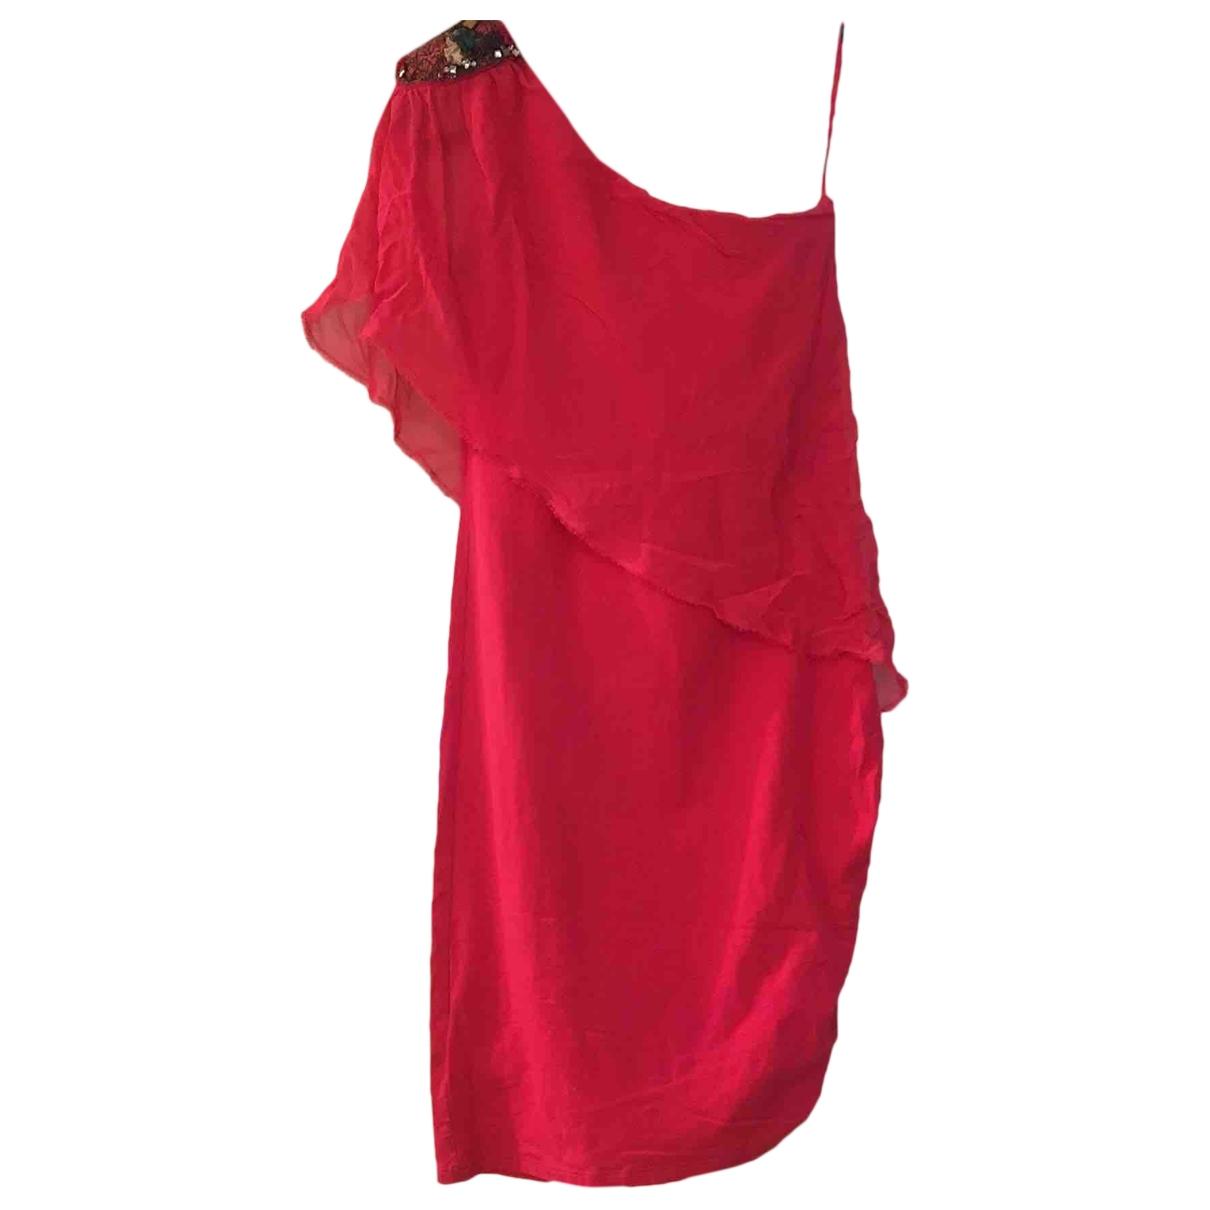 Patrizia Pepe \N Kleid in  Rosa Baumwolle - Elasthan